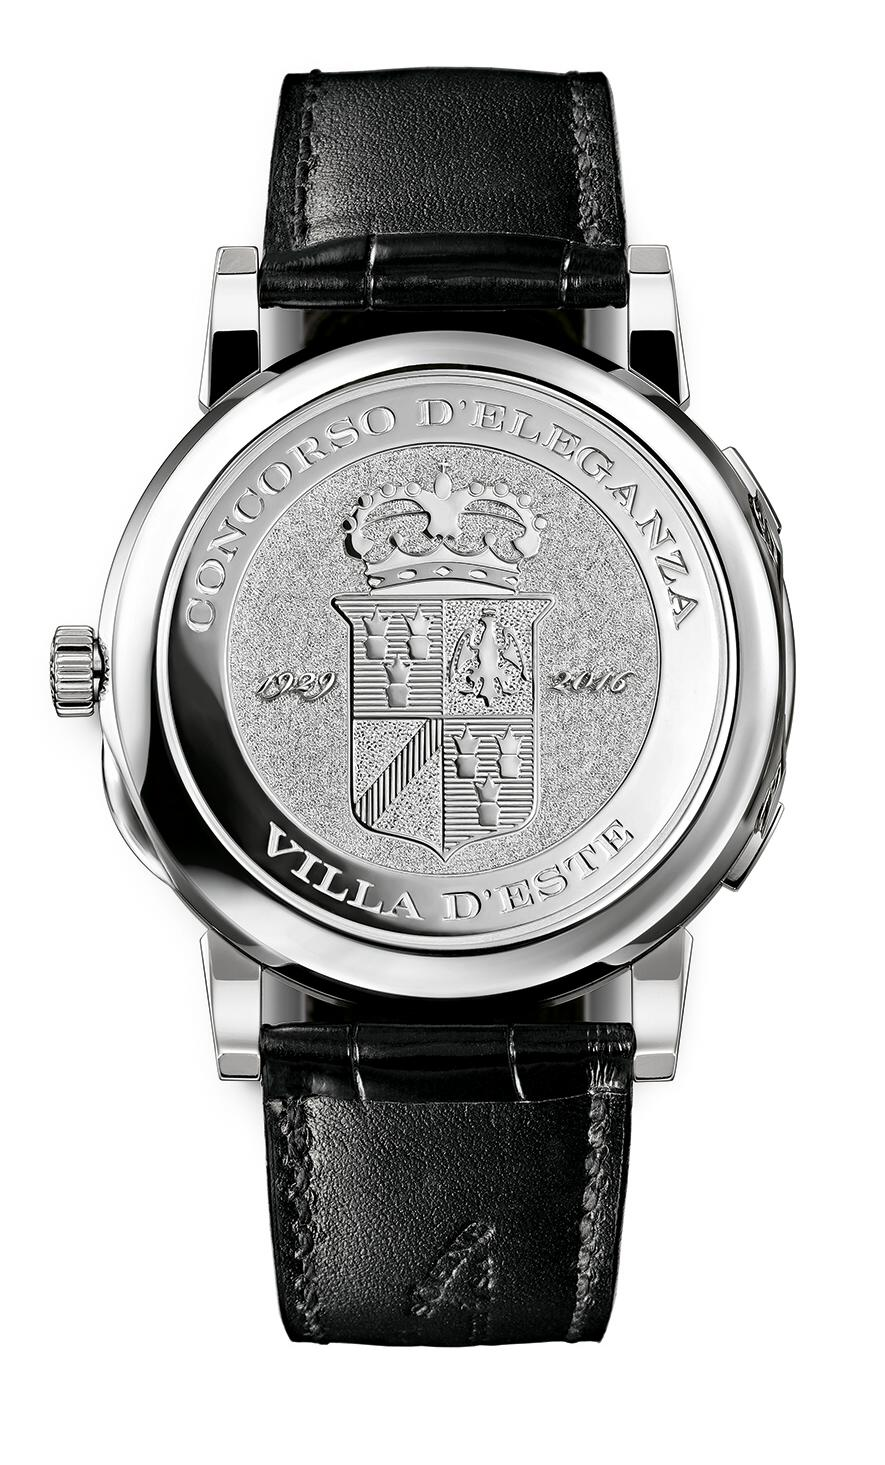 Luxusní hodinky A. Lange & Sohne - Lange 1 Time Zone Como Edition